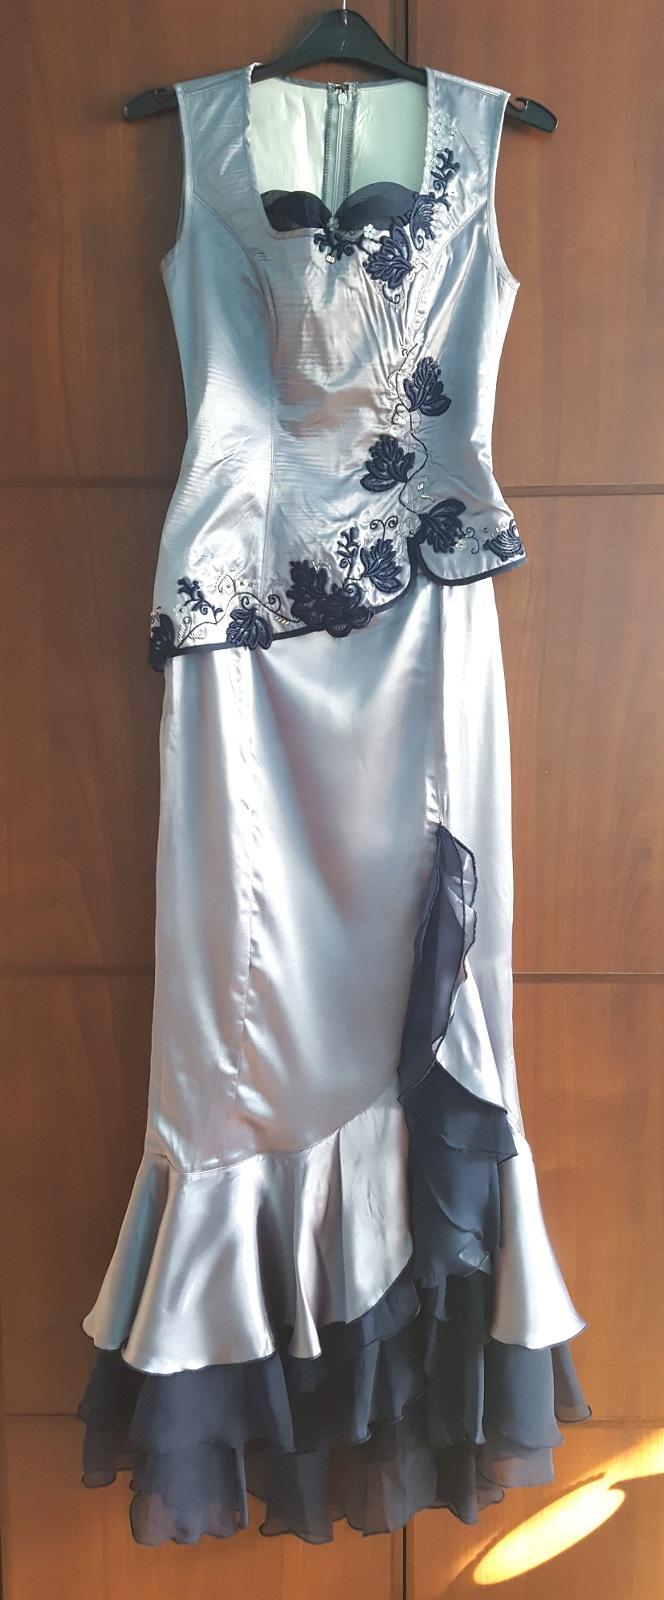 Plesové šaty ručně vyšívané dle japonského stylu - Obrázek č. 1